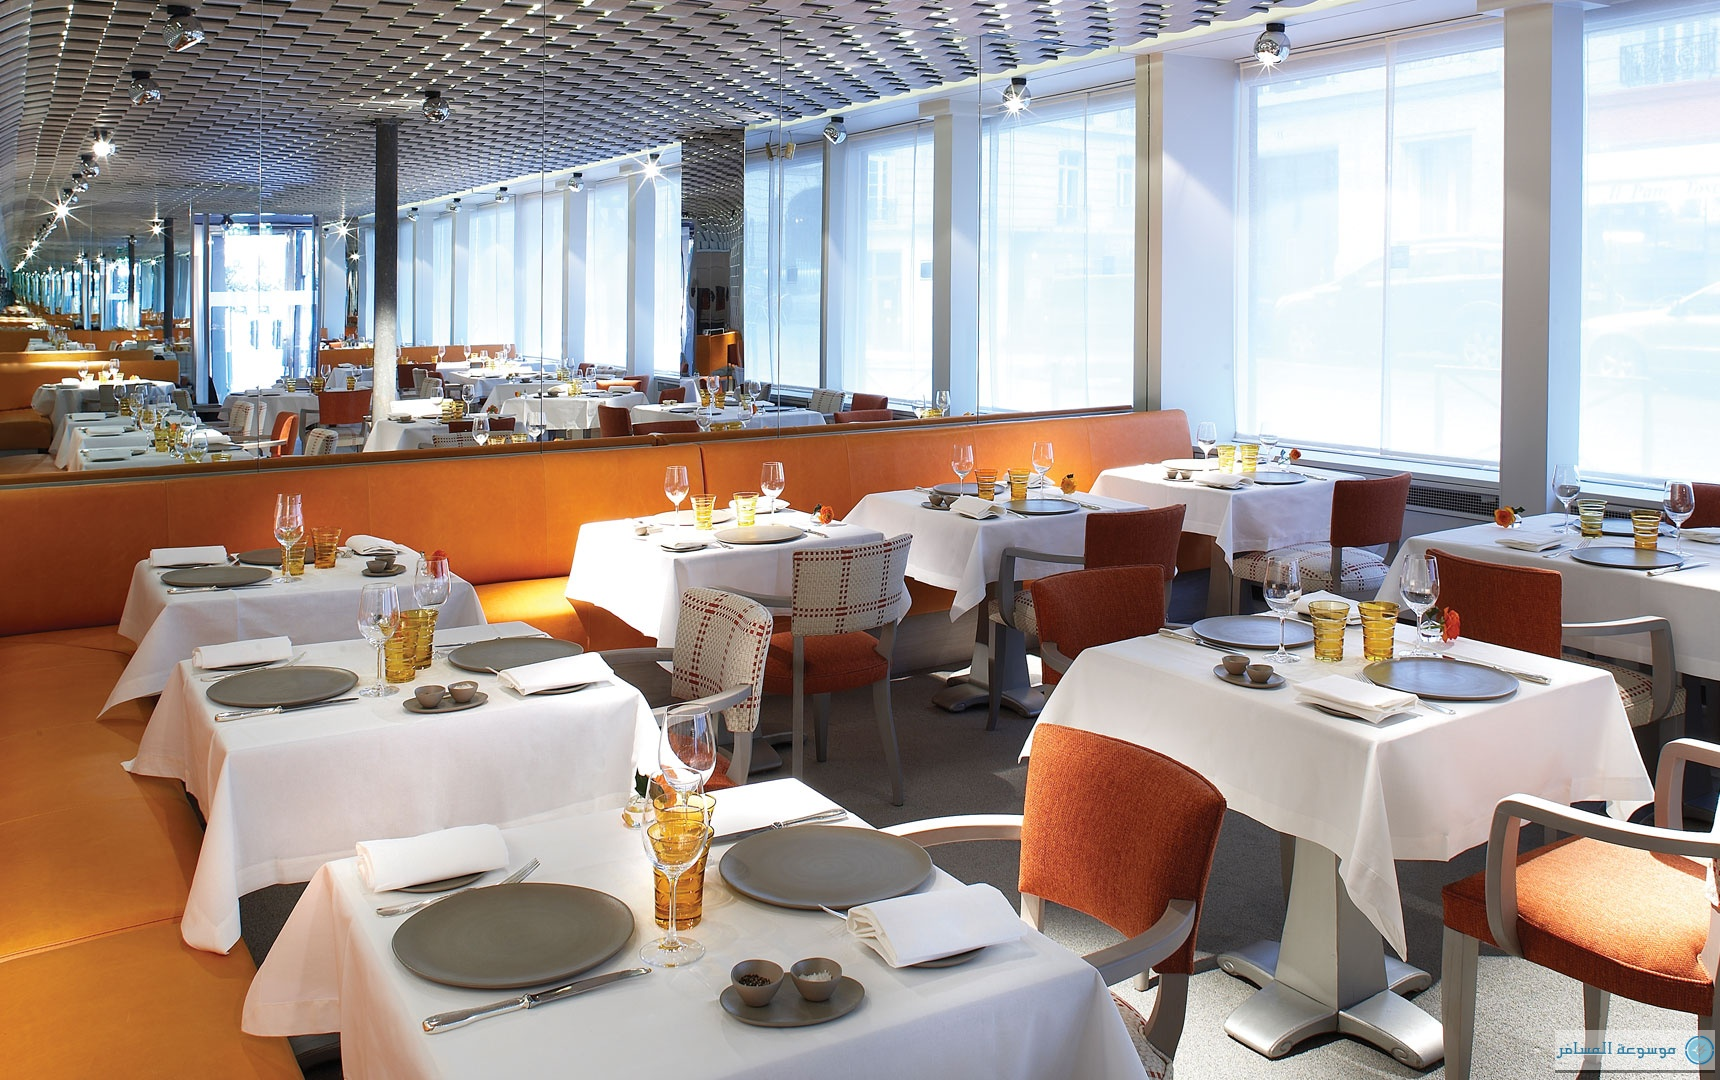 أفضل مطاعم باريس بالصور والمعلومات